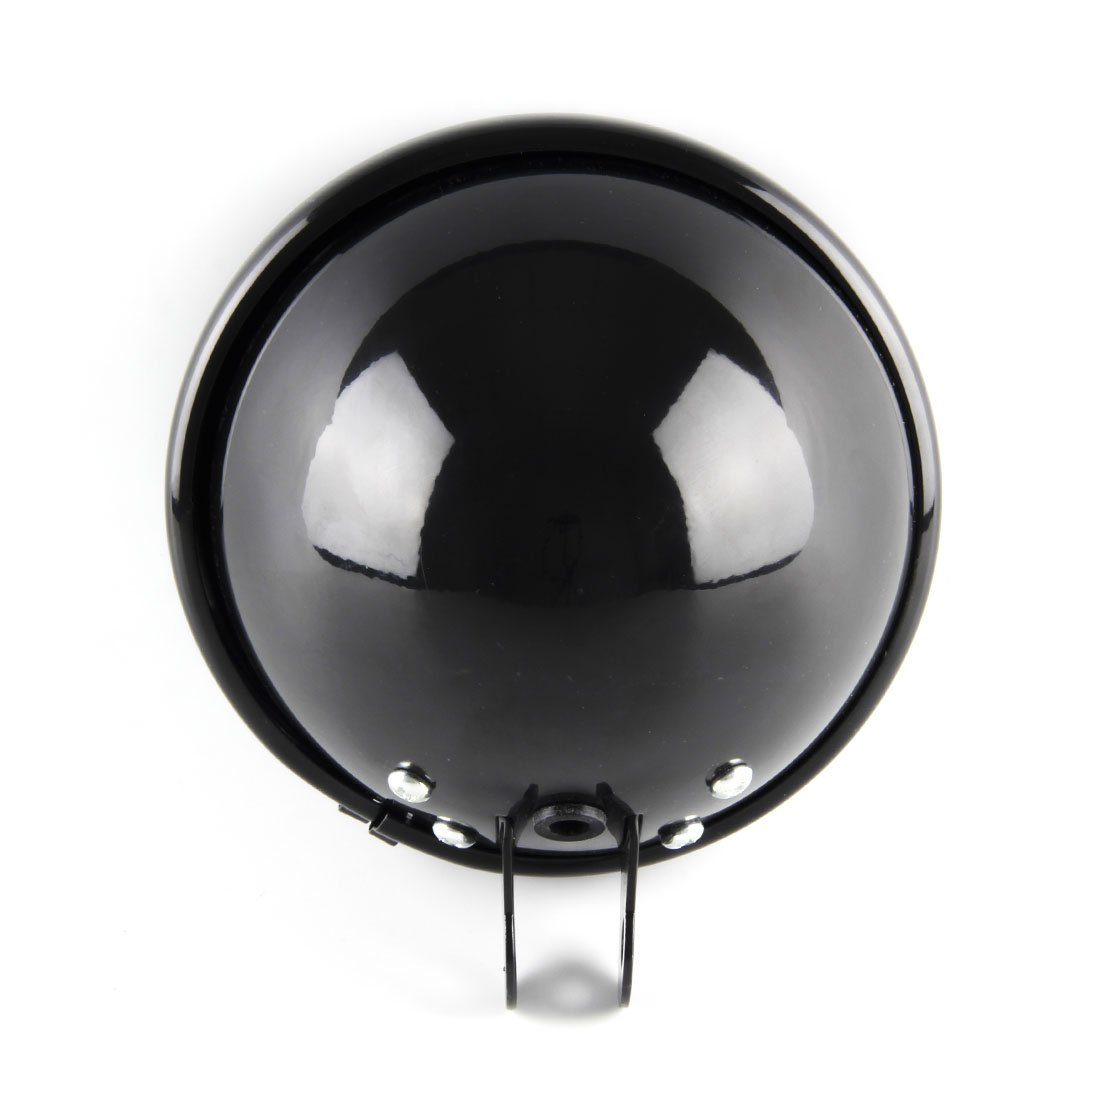 SKUNTUGUANG color negro Soporte de repuesto para faros delanteros de Harley Davidson 5,75 pulgadas